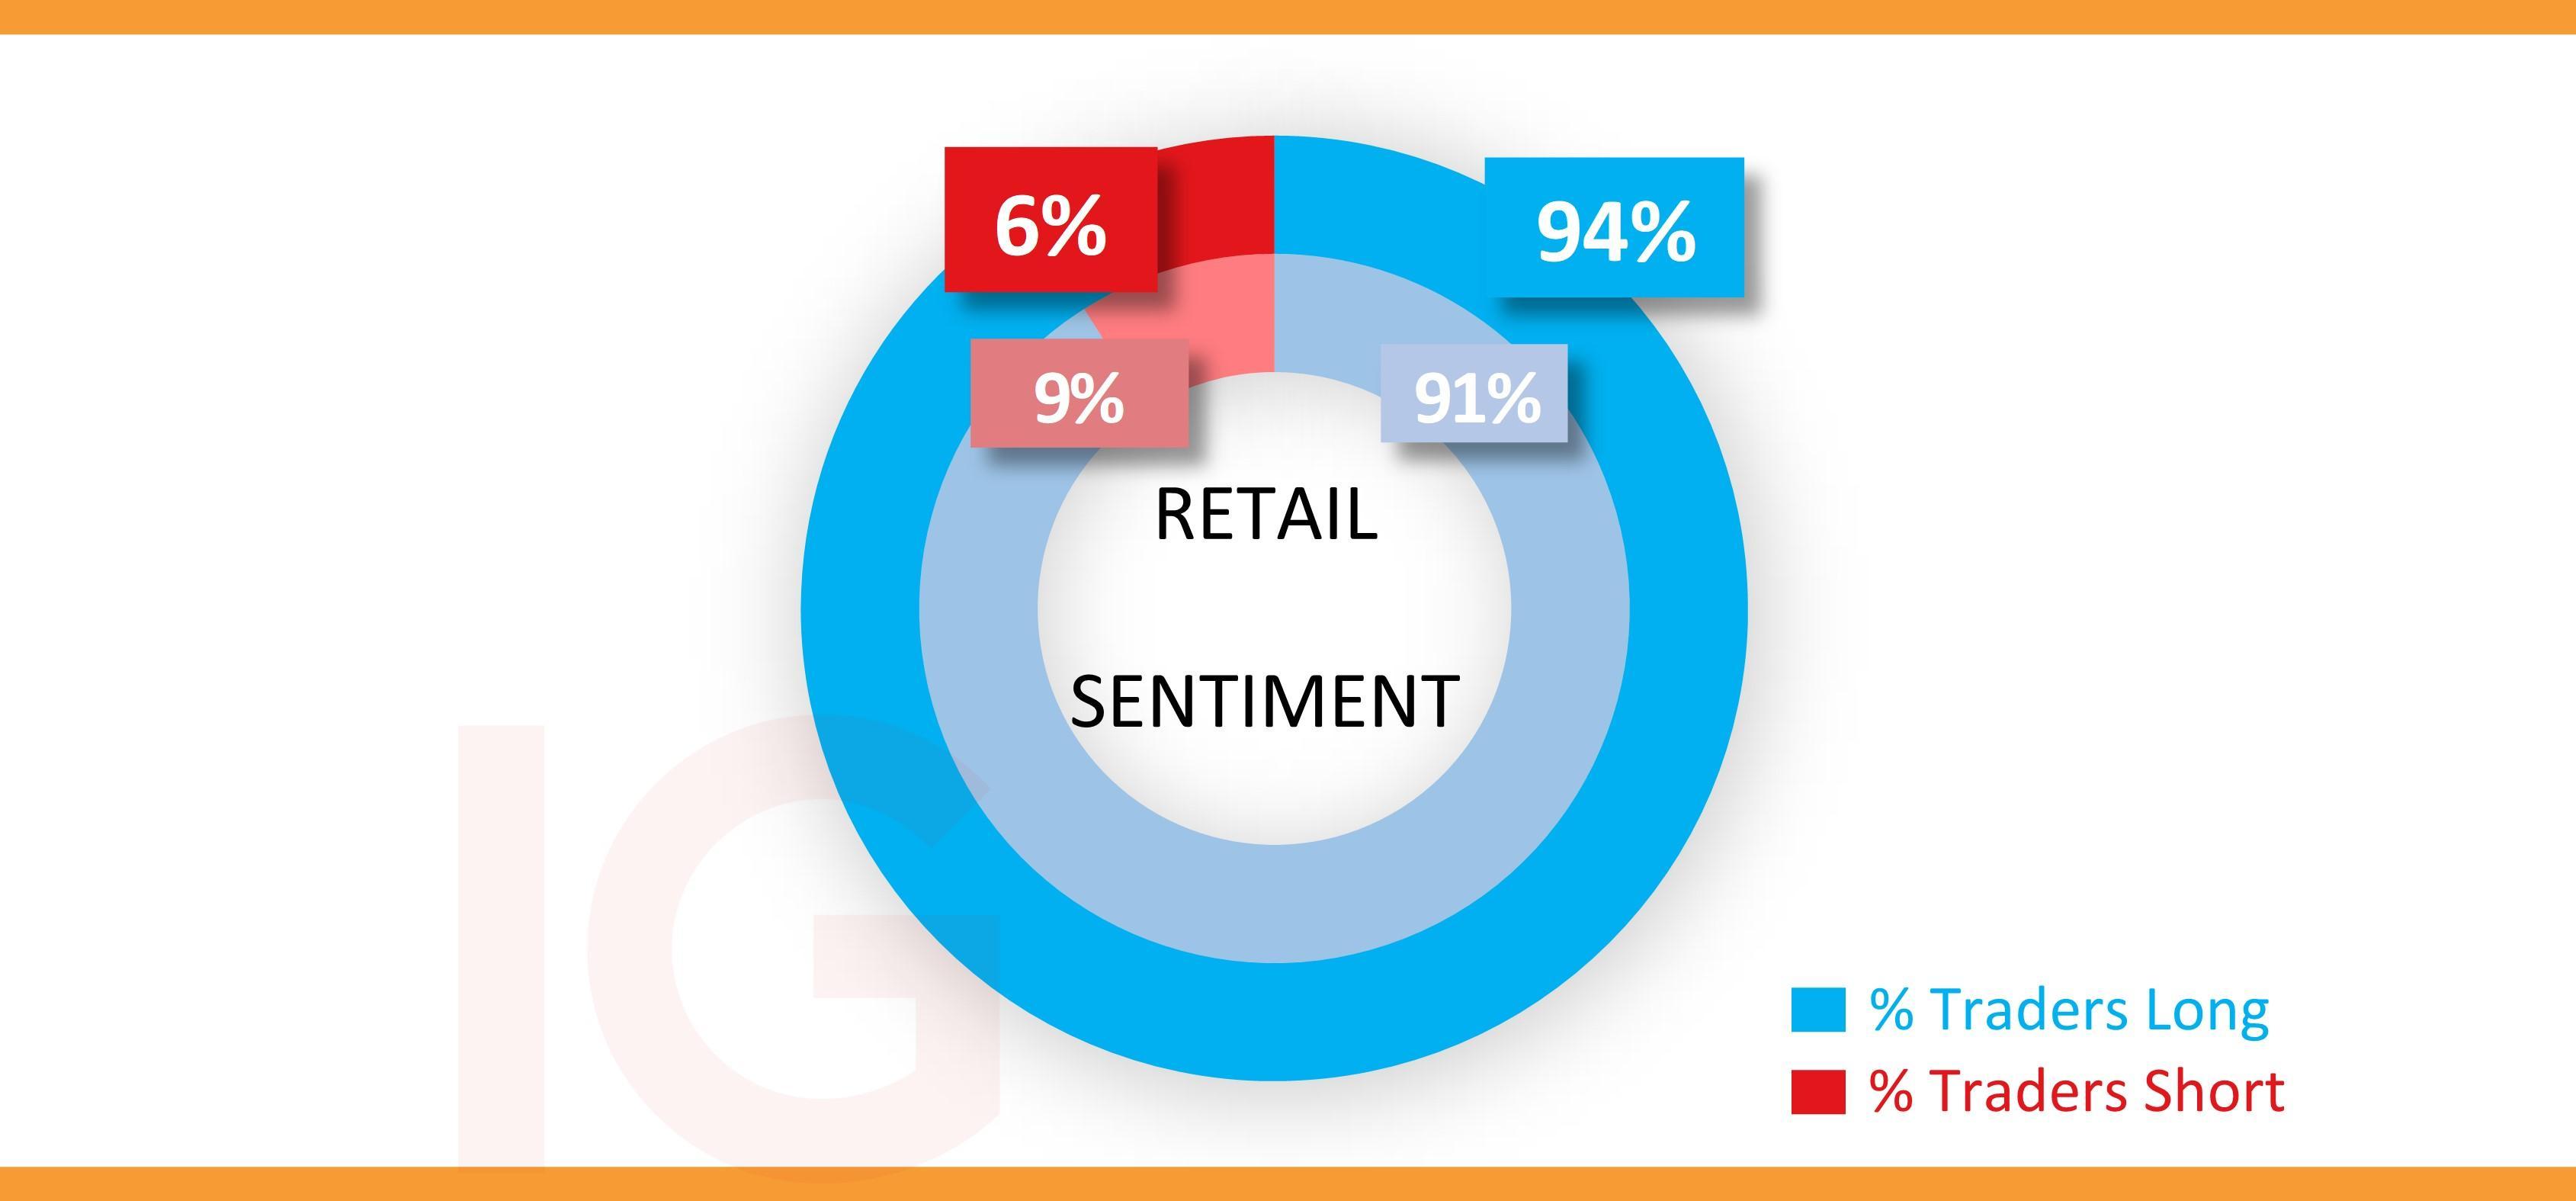 IG client sentiment